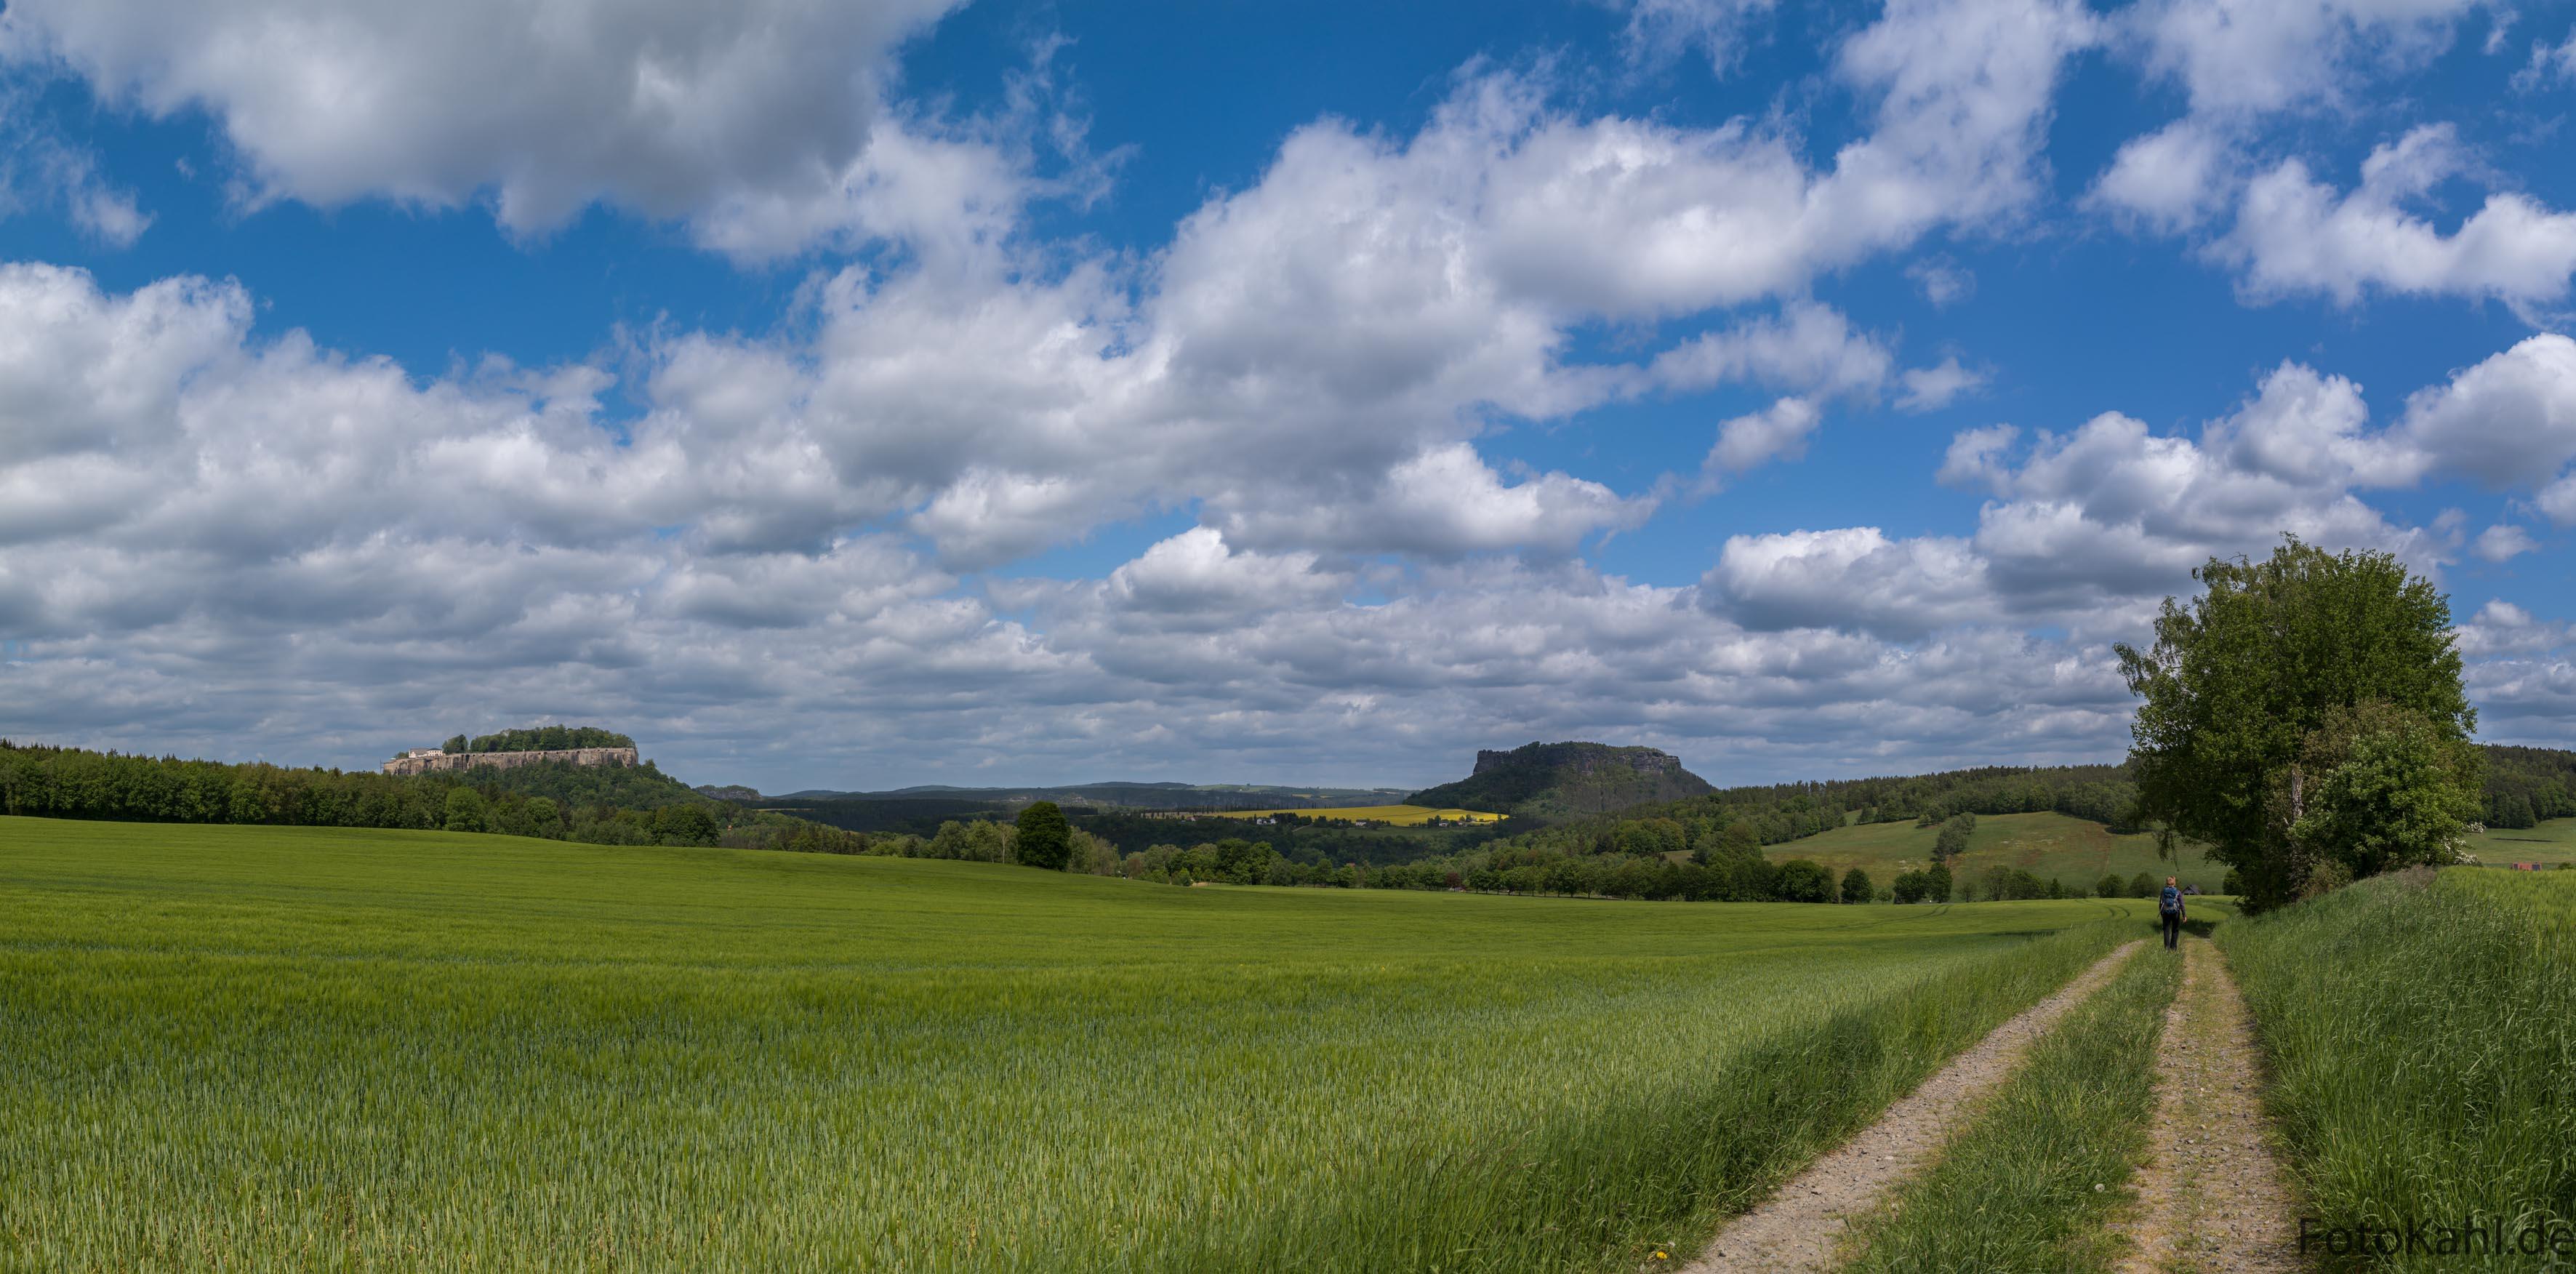 Blick auf die Festung Königstein und dem Lilienstein - Sächsische Schweiz